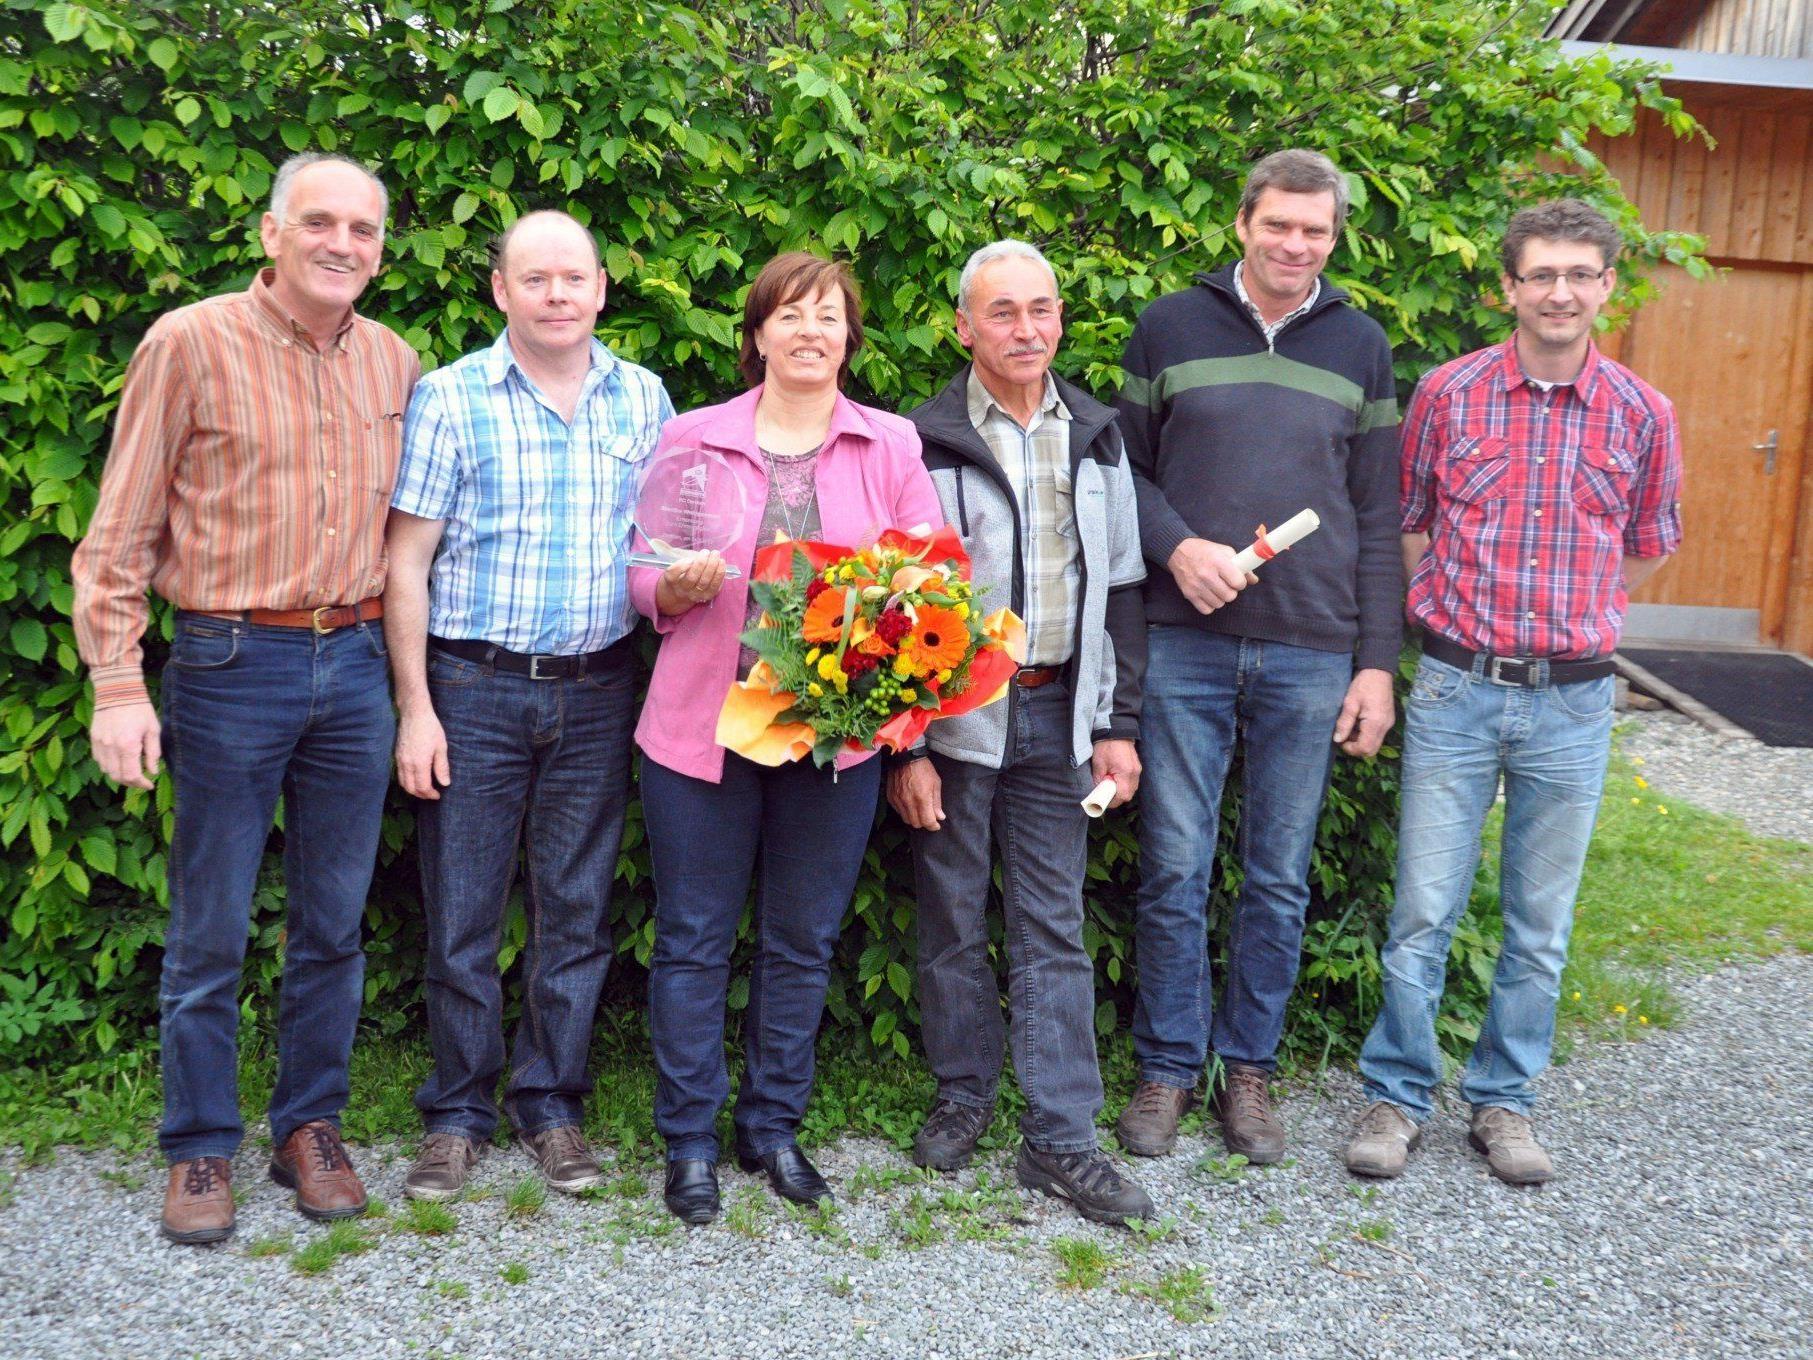 Anläßlich der 60-Jahres-Feier wurden verdienstvolle Mitglieder des RC Dornbirn geehrt.